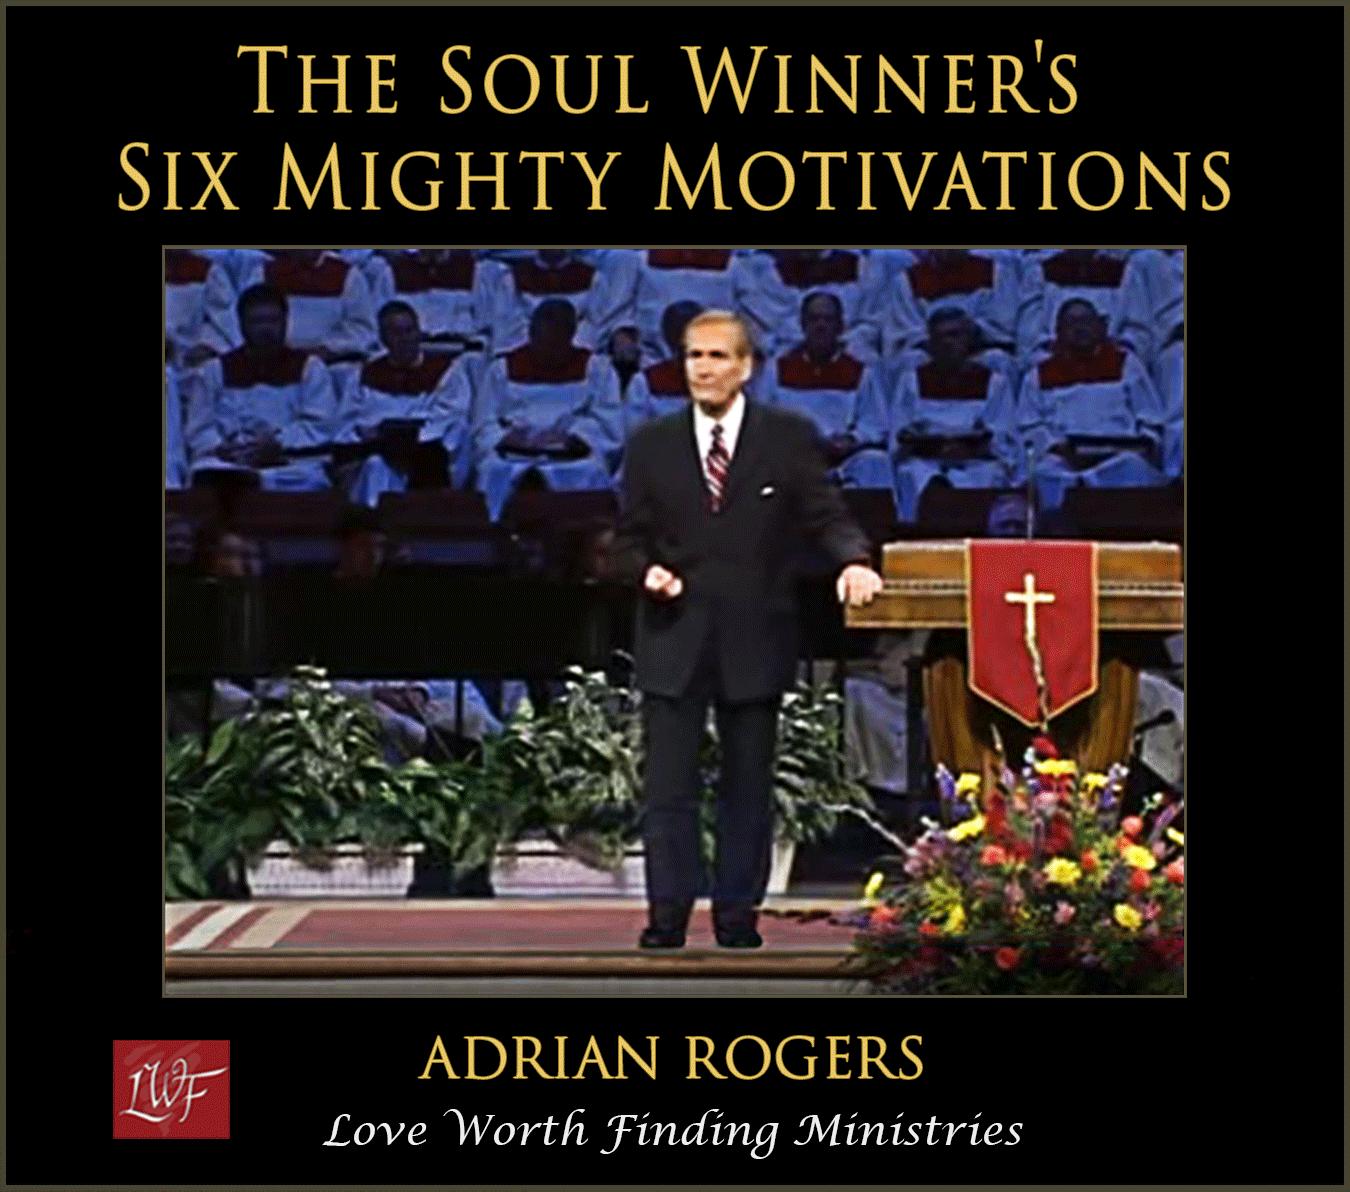 Adrian-Rogers-Soul-Winners-Motivation